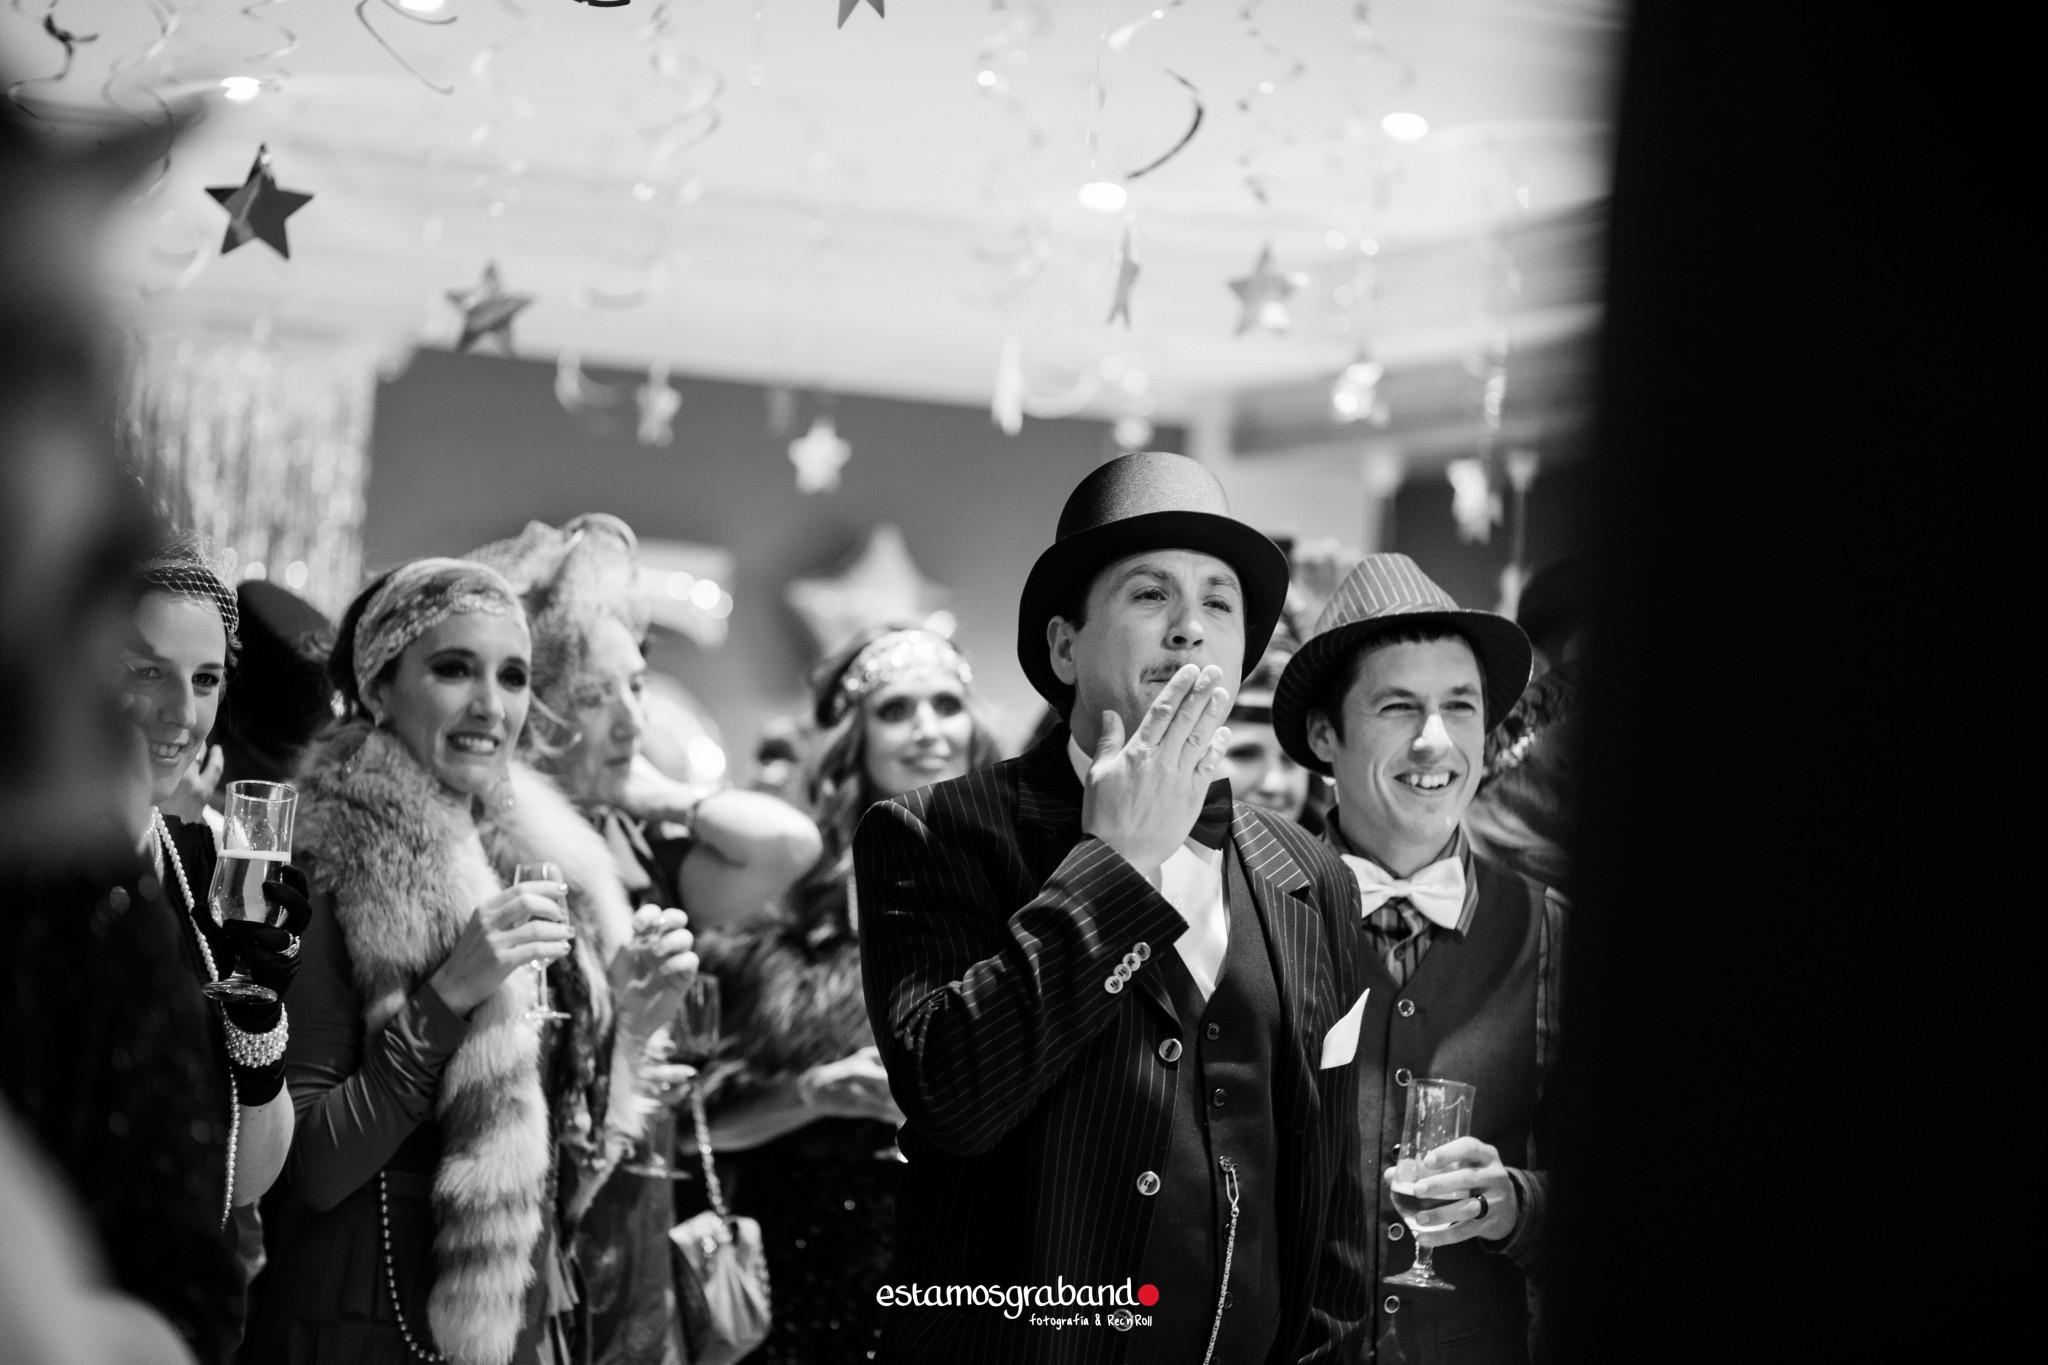 Años-20-BBTP-50-de-109 Los locos Años 20 [Fotografía en La Teta de Julieta, Cádiz] - video boda cadiz